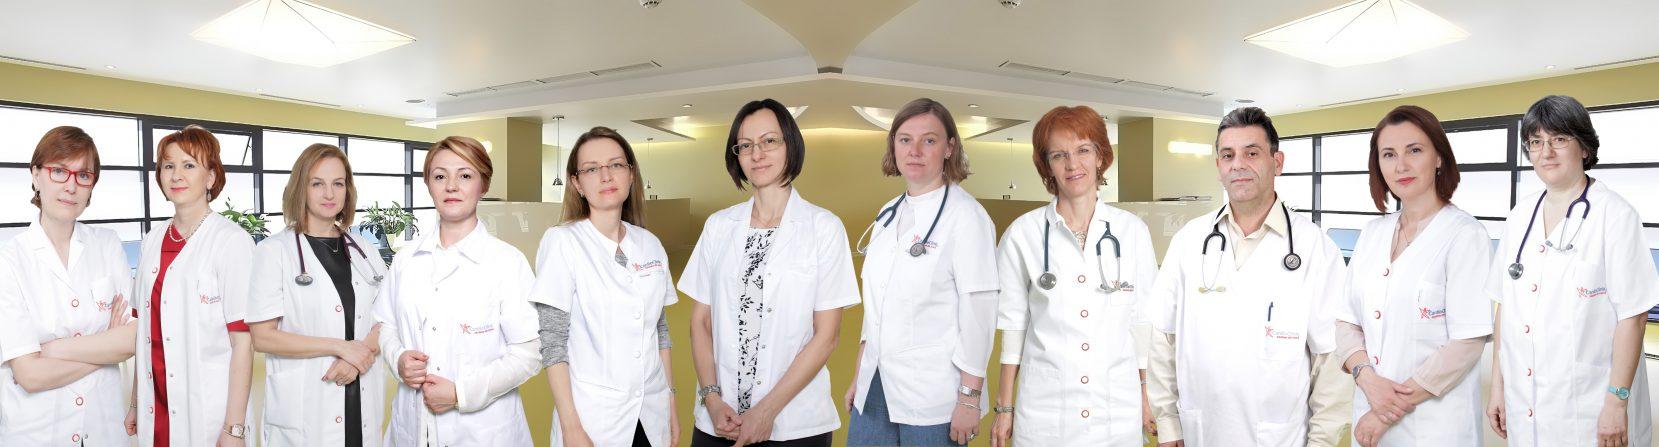 Medicii CardioClinic